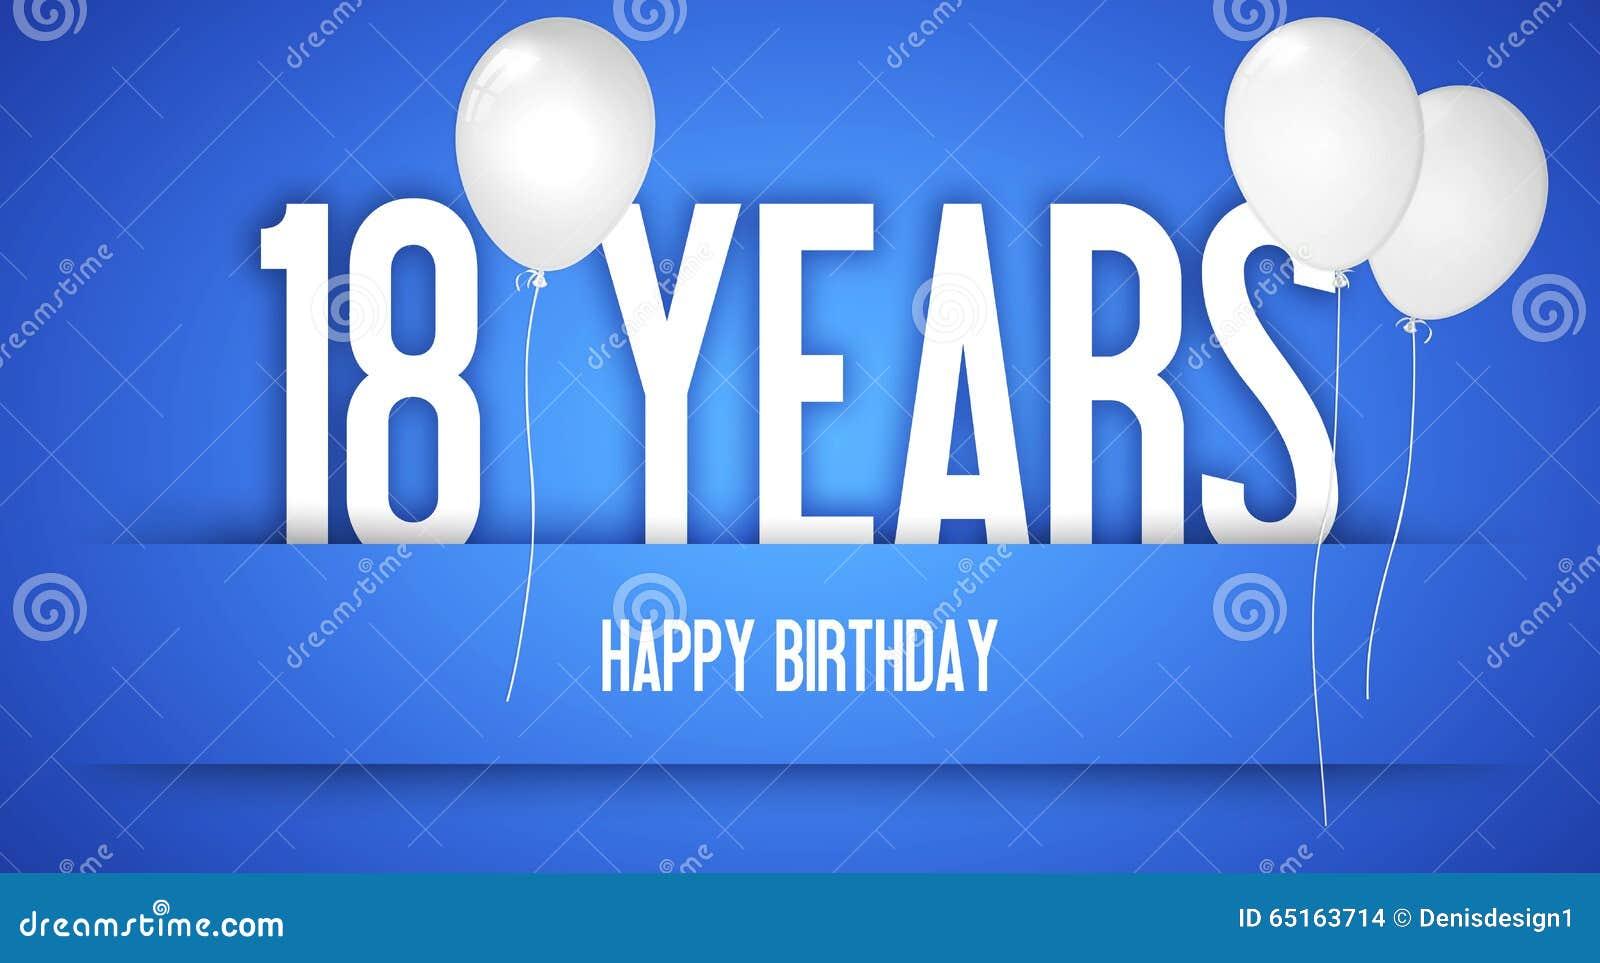 Verwonderlijk Gelukkige Verjaardagskaart - Jongen Met Witte Ballons - 18 Jaar AN-77